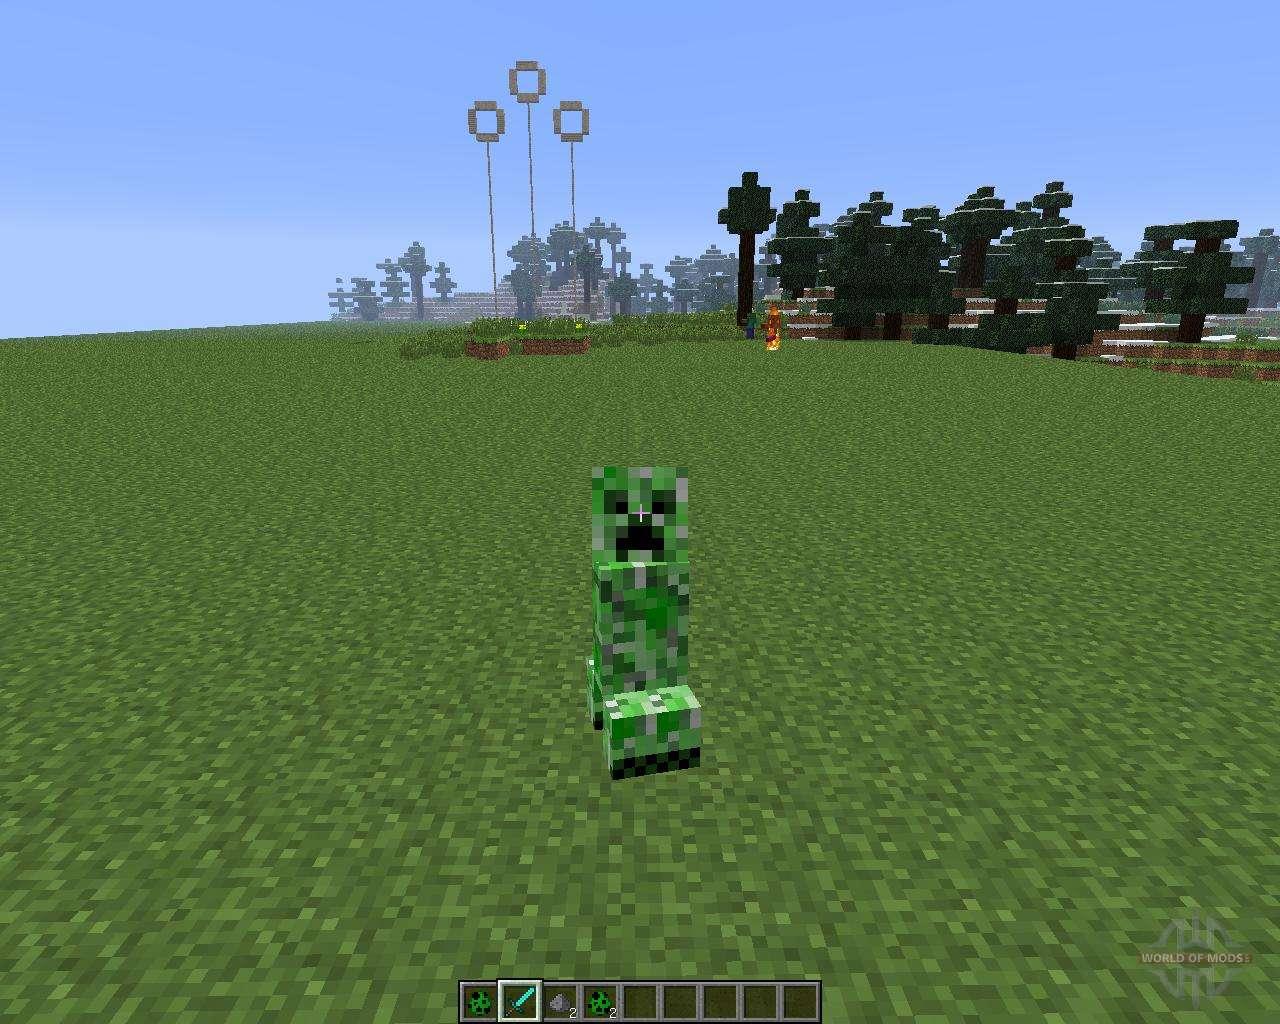 проекты майнкрафт с модом morph mod #3